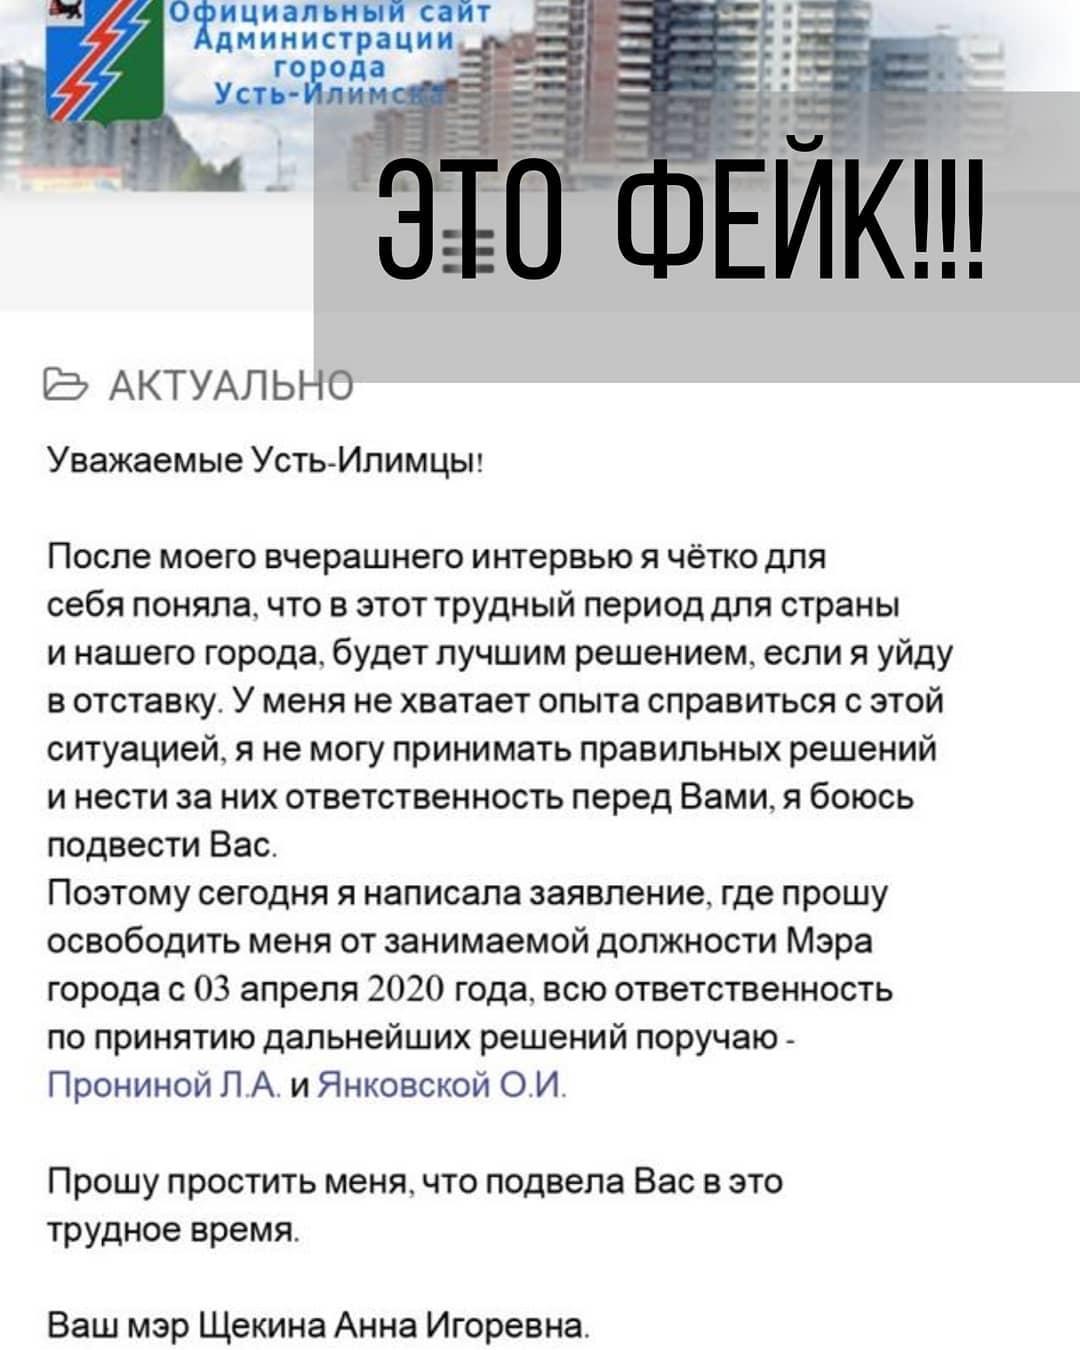 1 апреля шутники отправили в отставку мэра Усть-Илимска Анну Щекину